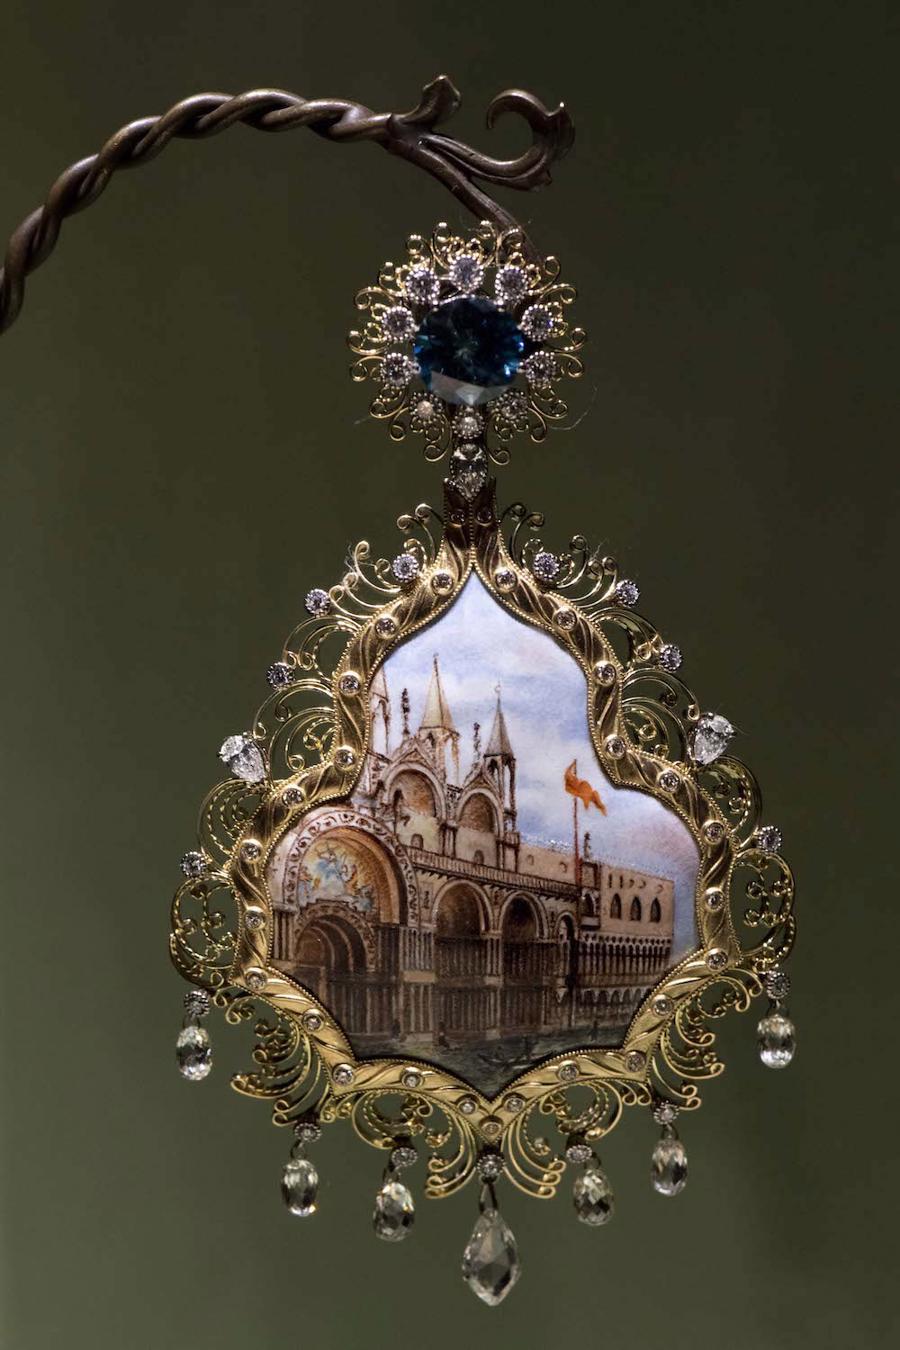 Thế giới chứng kiến những gì sau bữa tiệc xa hoa của Dolce & Gabbana? - Ảnh 2